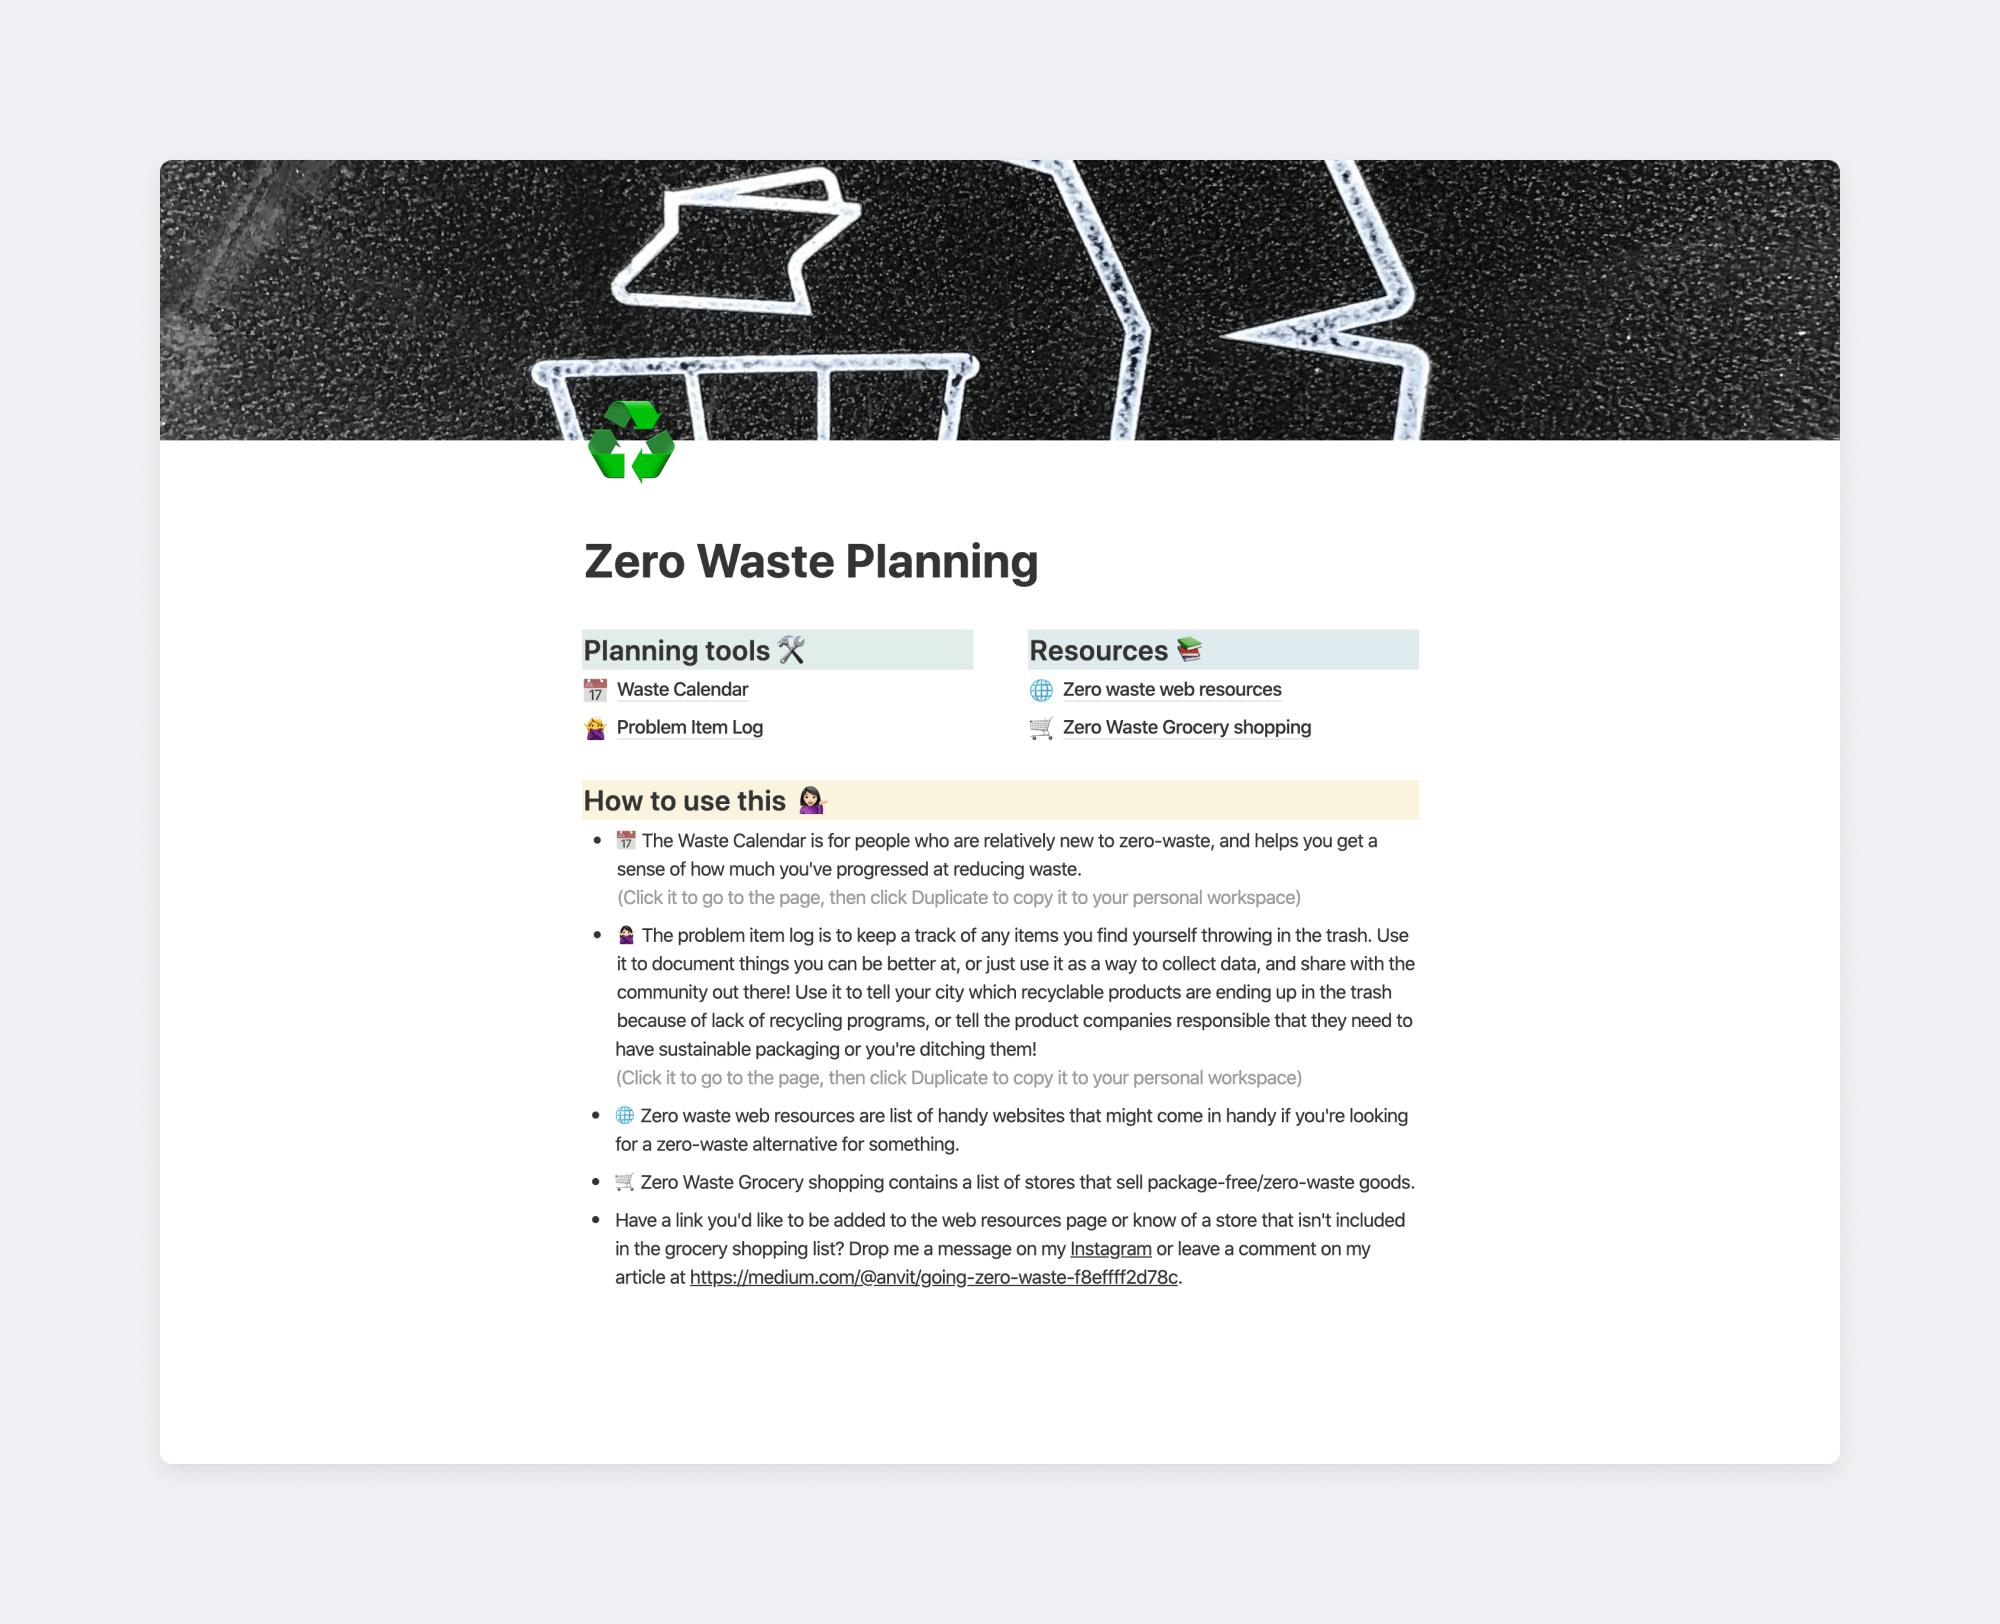 Zero waste planning